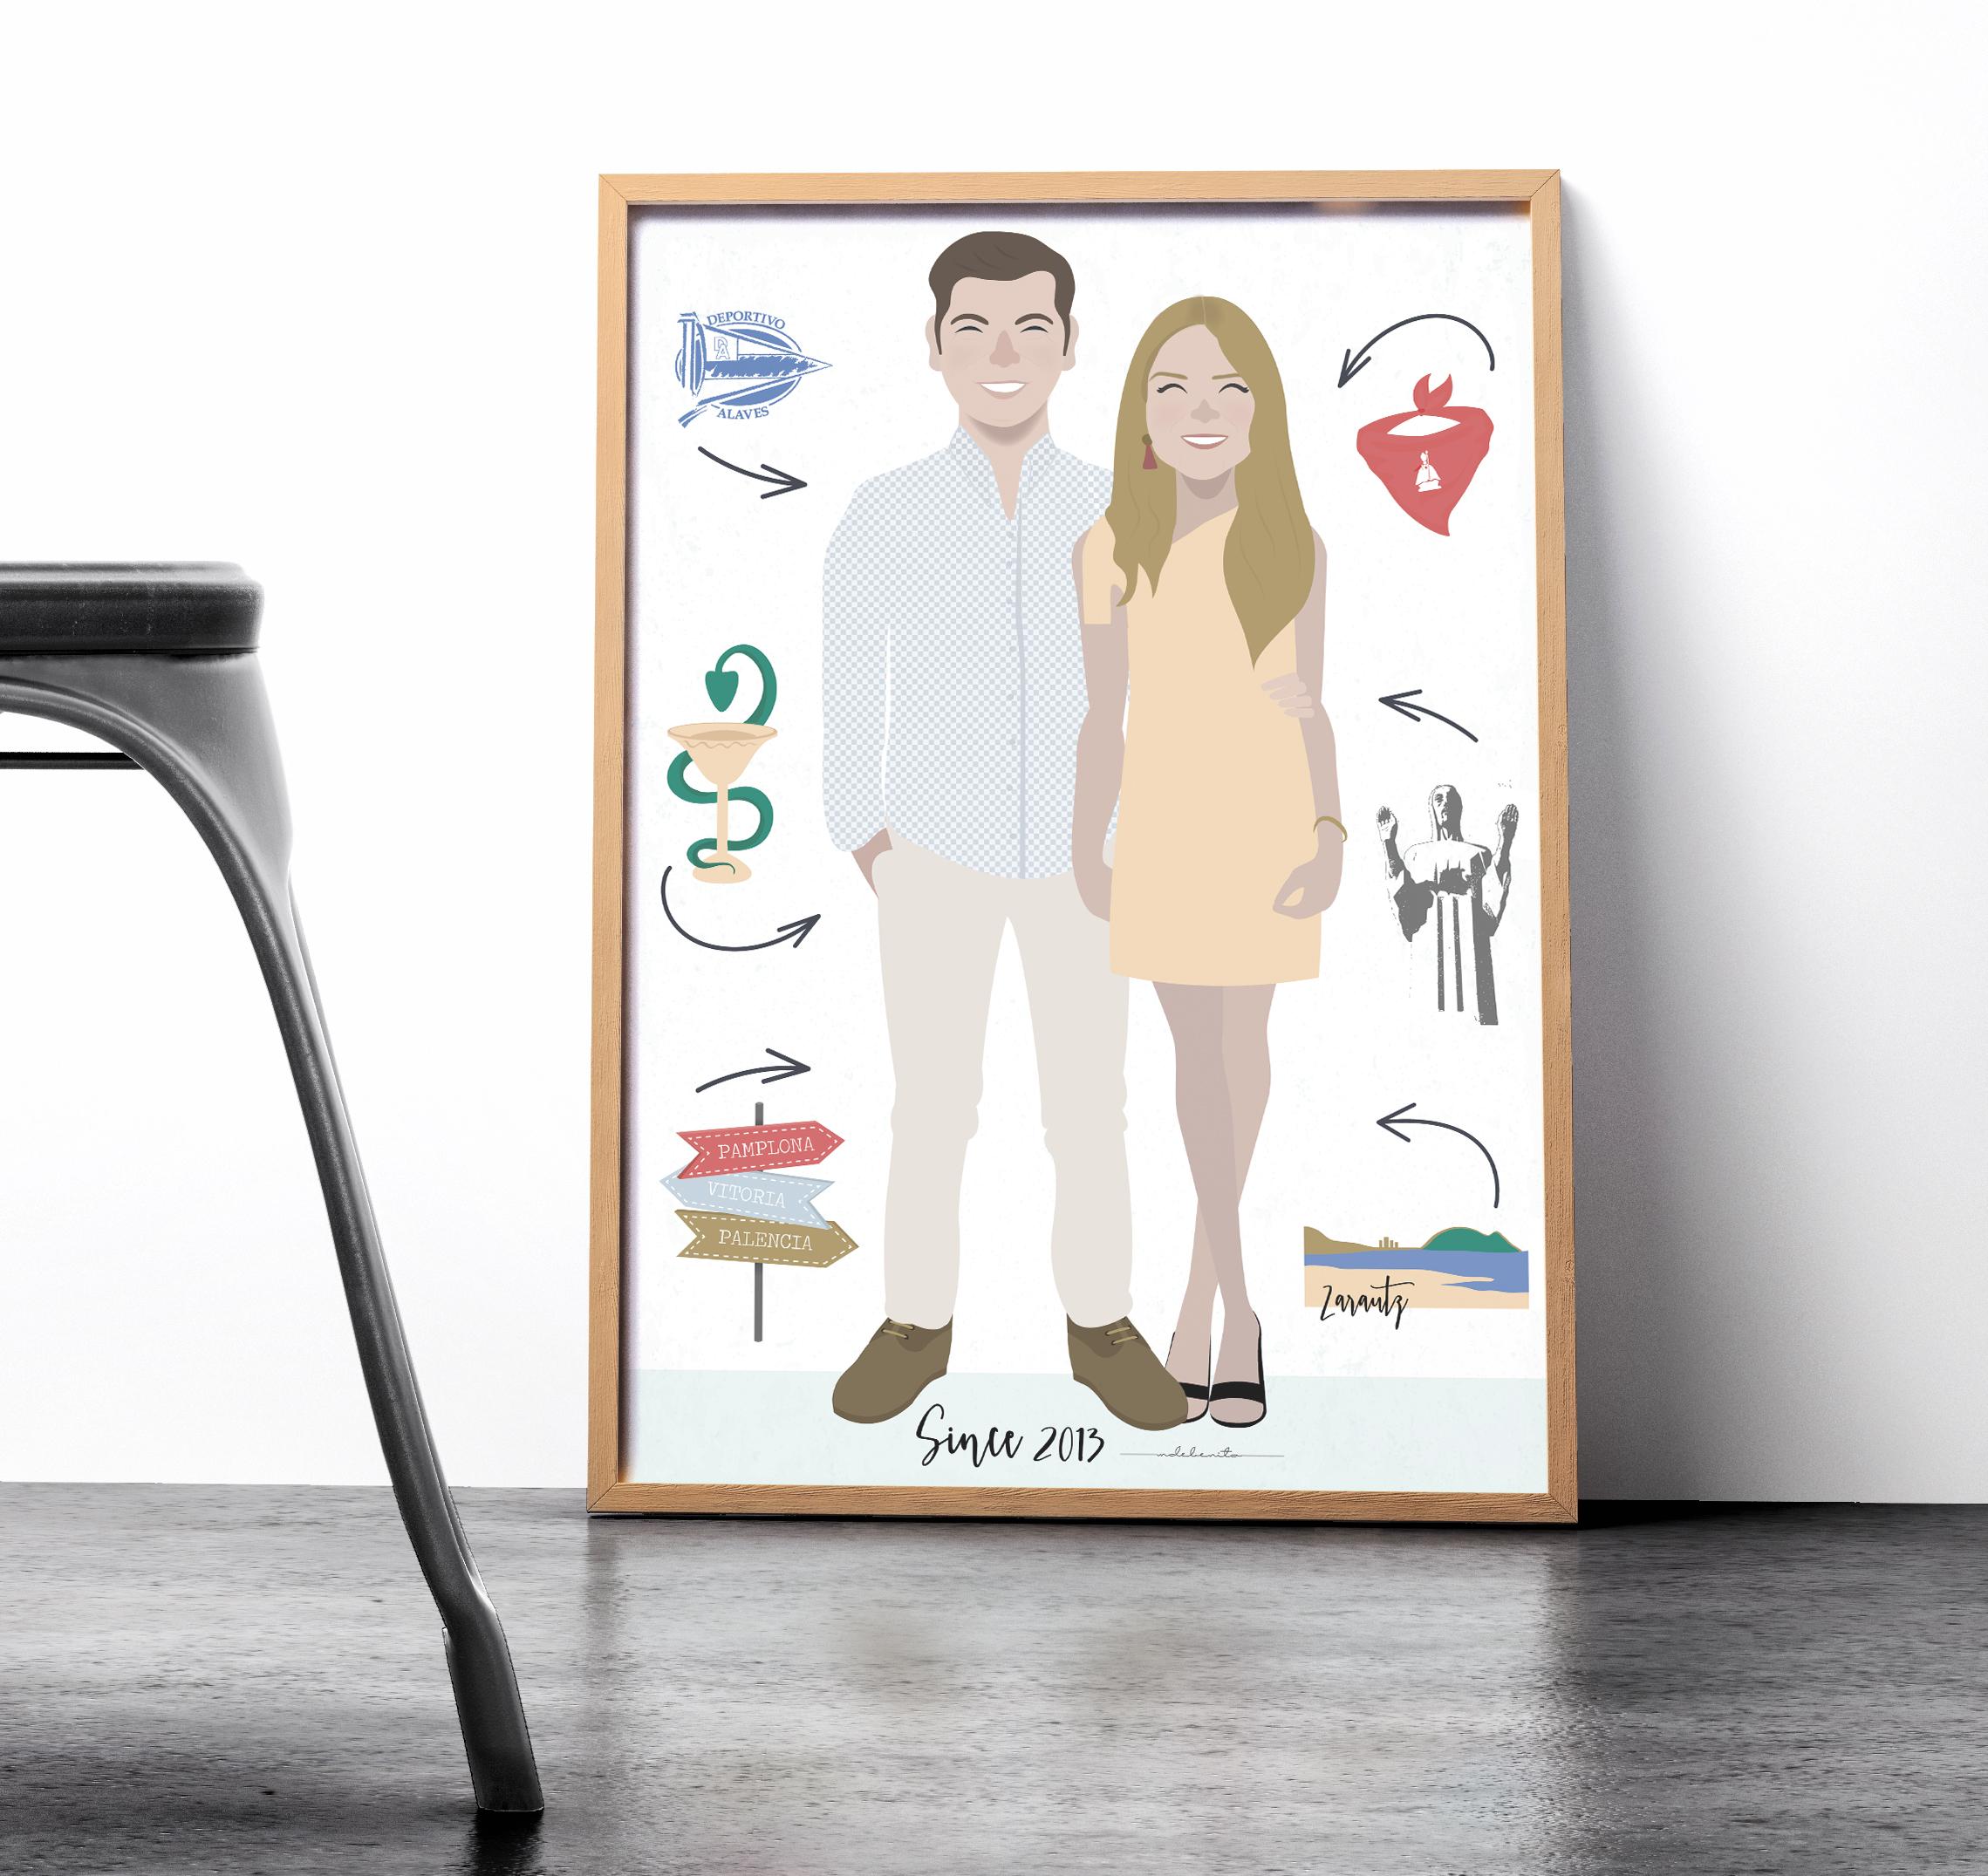 ilustracion-personalizada-pareja-ana-vitoria-palencia-mdebenito.jpg